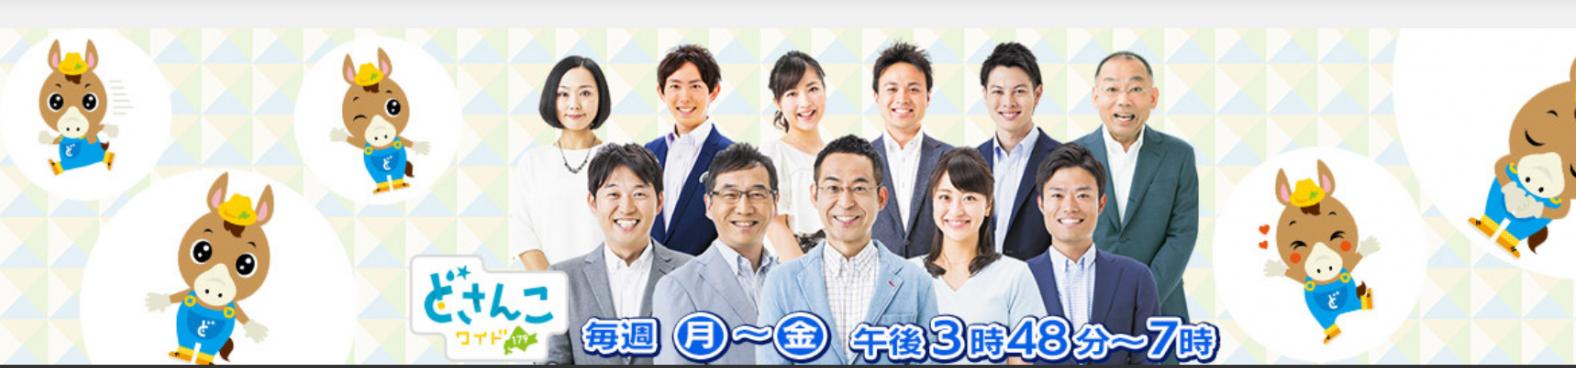 STVどさんこワイド 5月23日は「運動会に冷凍食品」!!